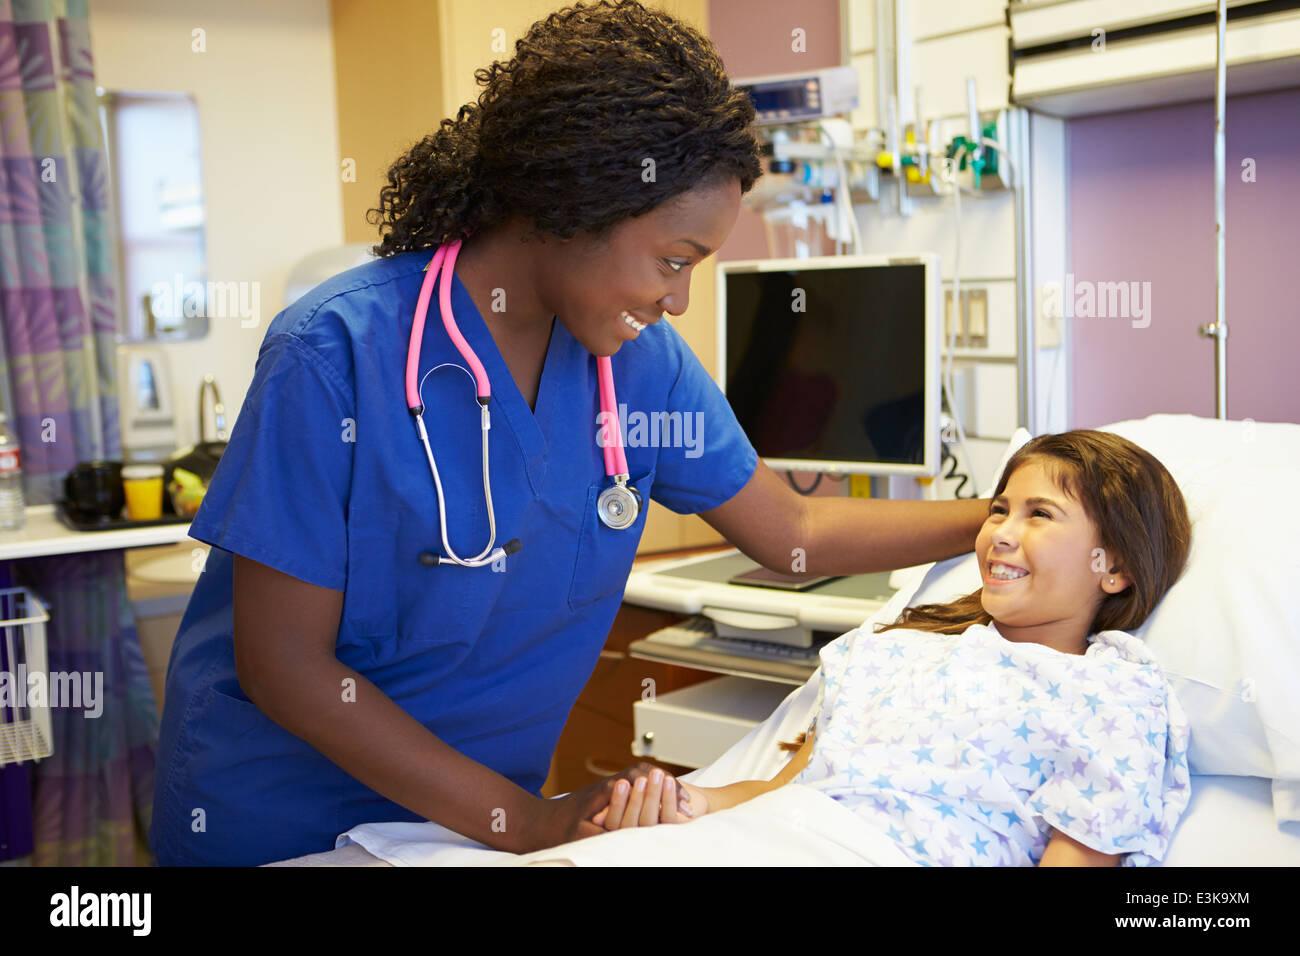 Junge Mädchen sprechen, Weiblich Krankenschwester im Krankenzimmer Stockbild